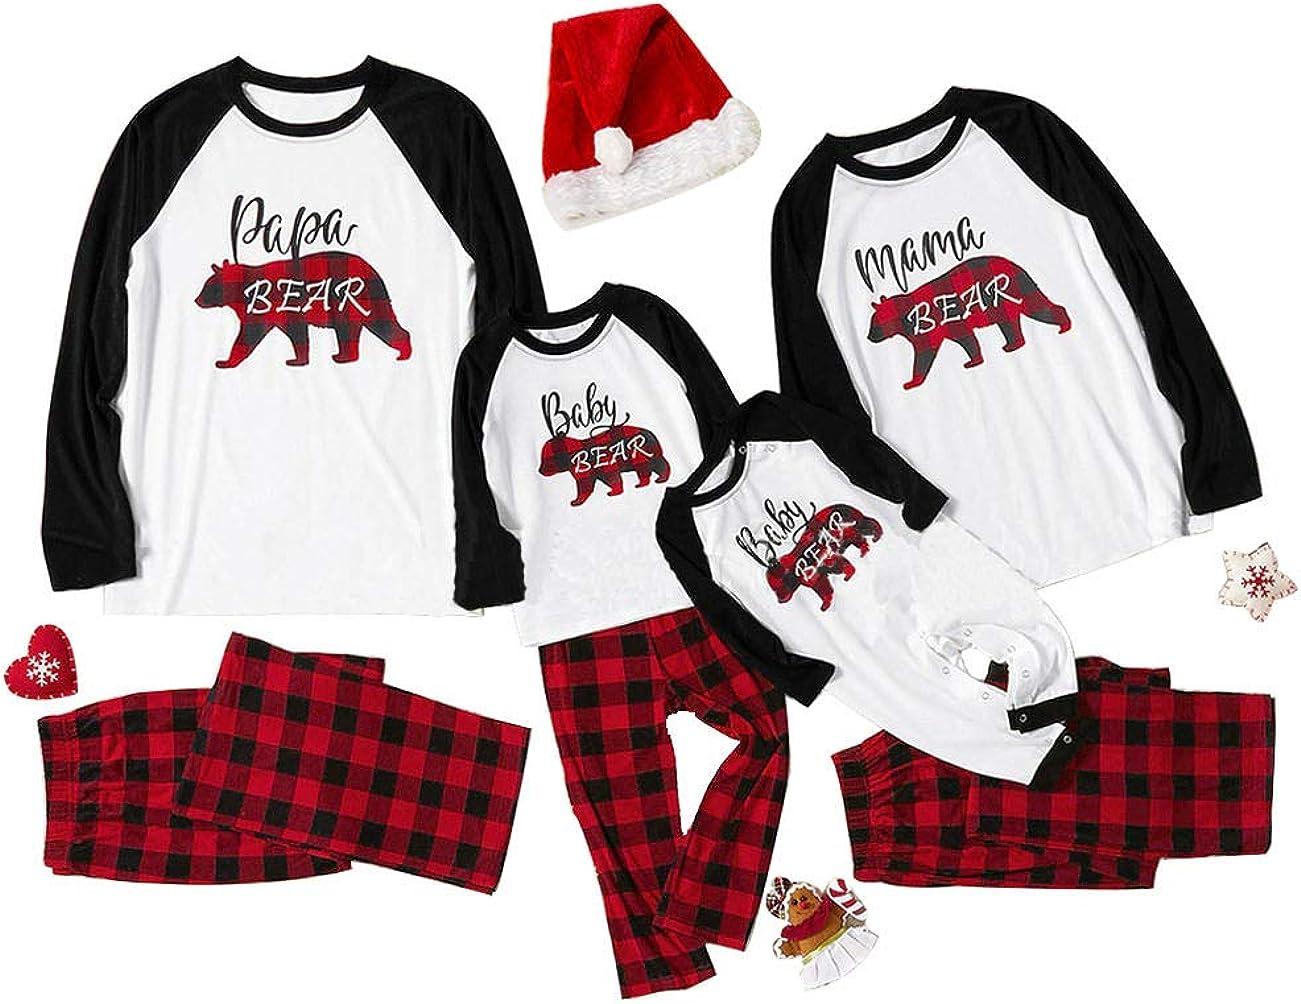 TOJONOZO Matching Christmas Pajamas Sets for Family Women Men Kids Long Sleeve Pjs Reindeer Loungewear